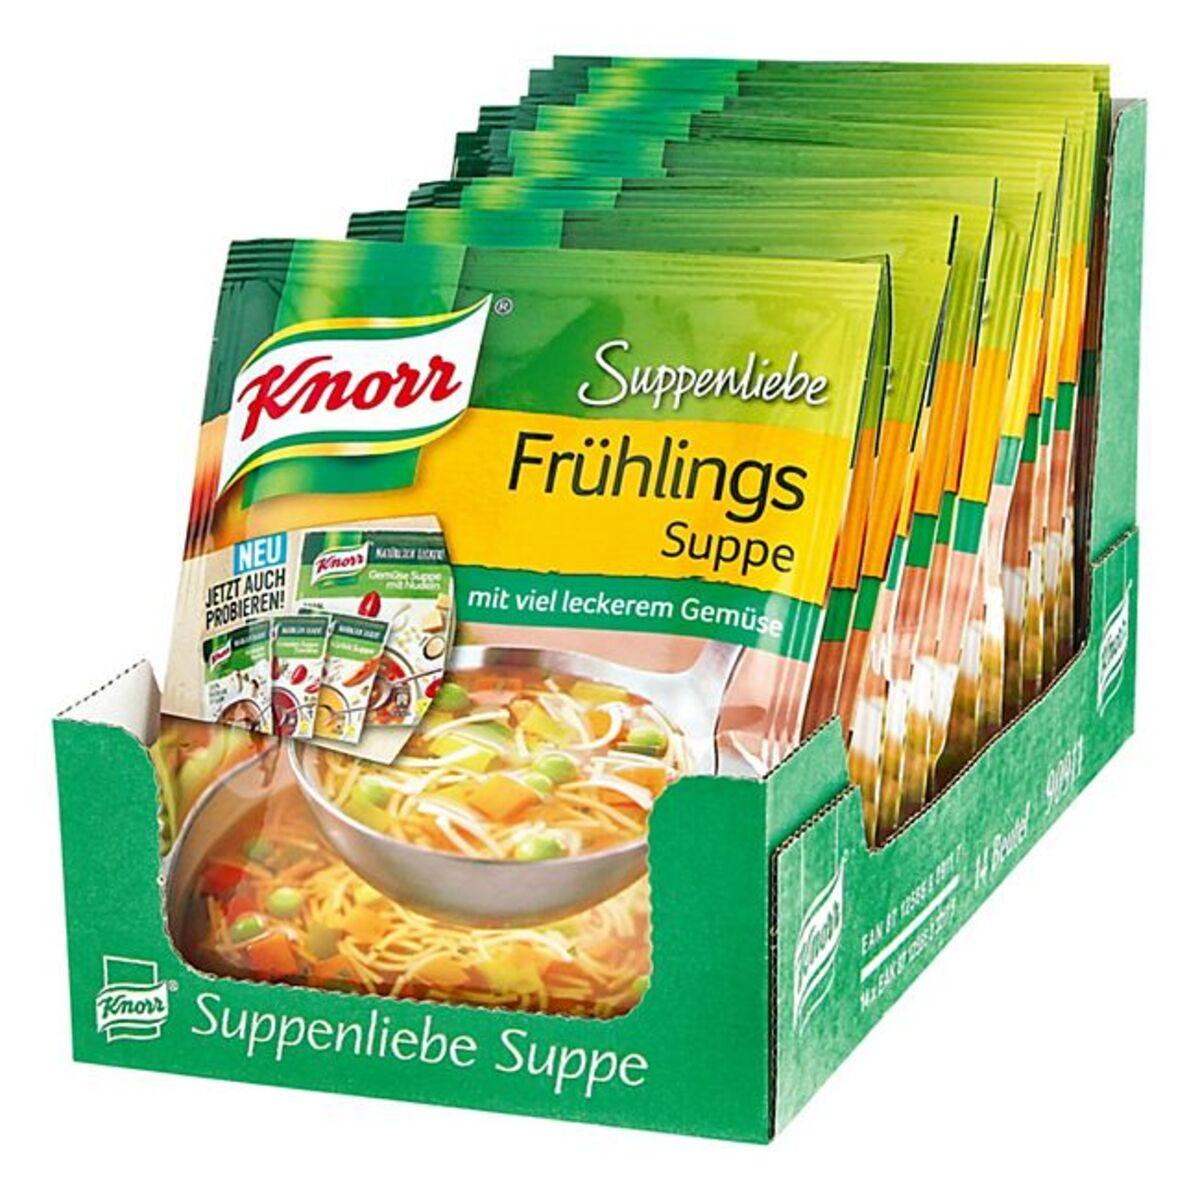 Bild 1 von Knorr Suppenliebe Frühlingssuppe ergibt 0,75 L, 14er Pack